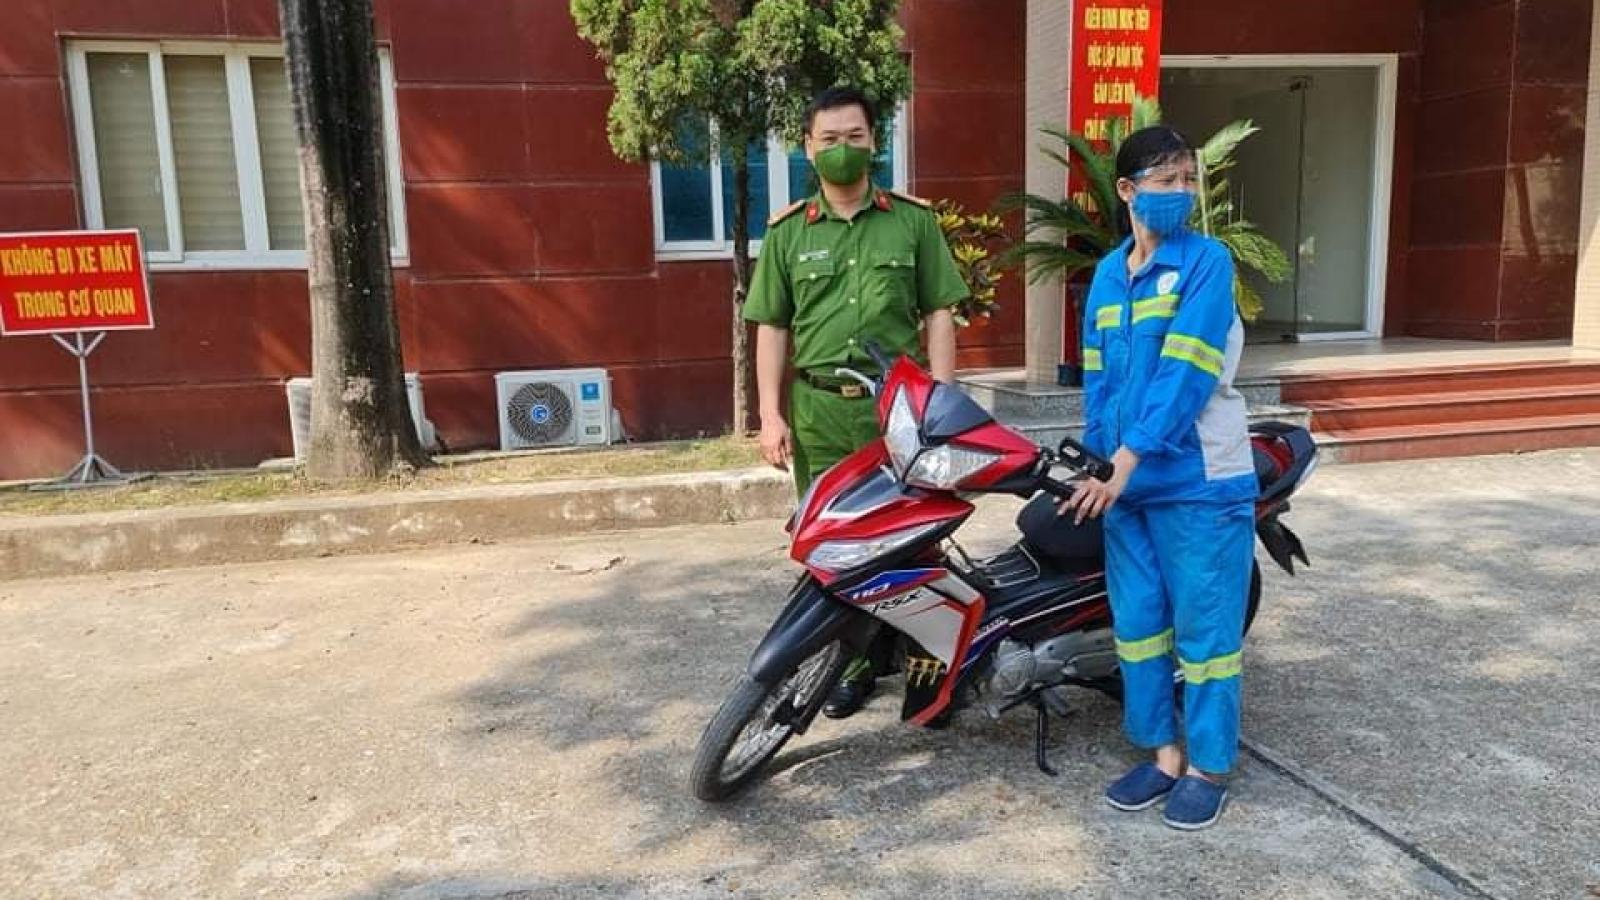 Công an tặng xe máy mới cho nữ lao công bị cướp ở Hà Nội